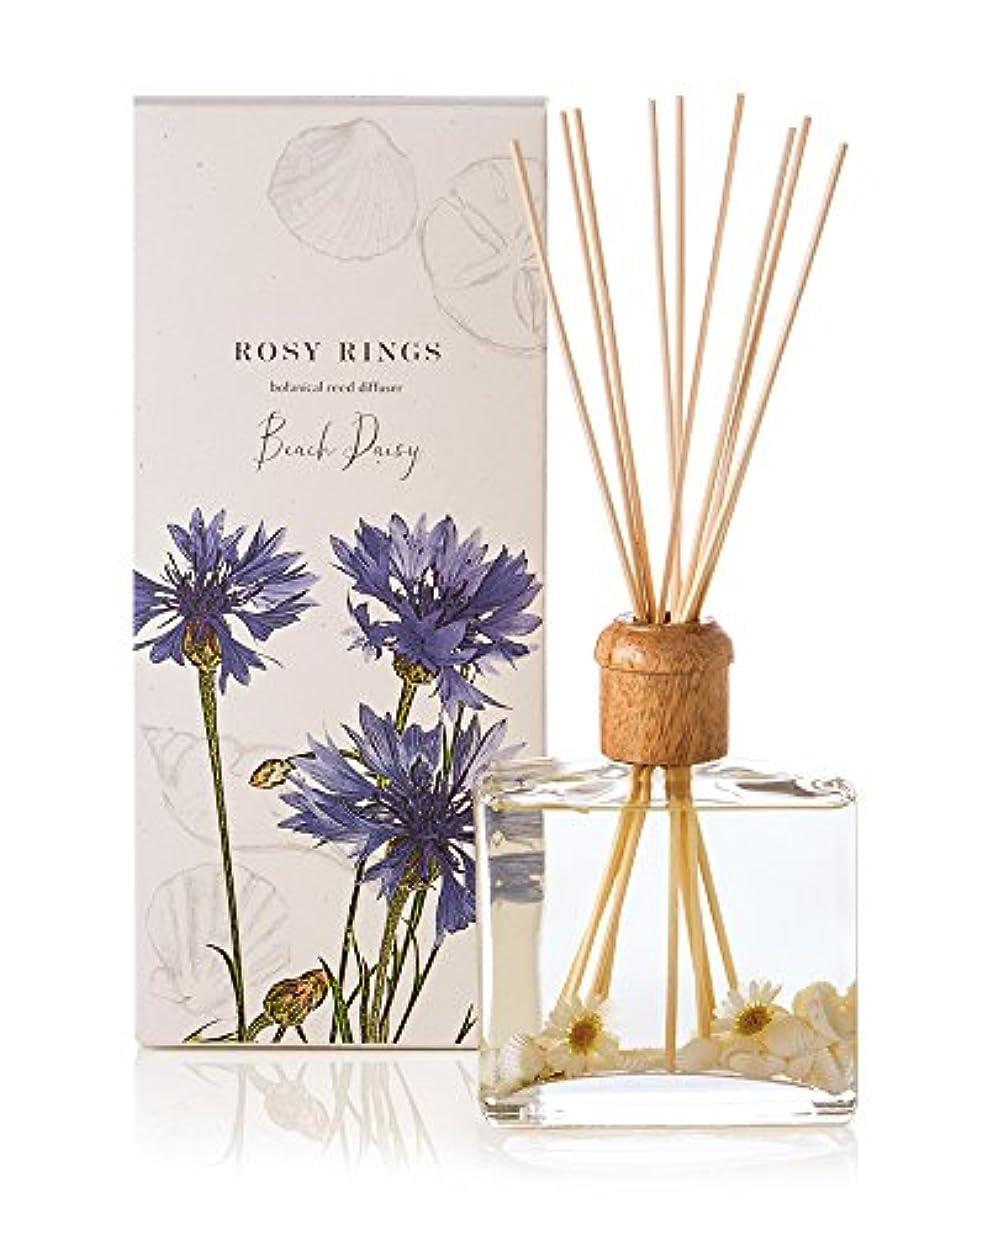 ビーム顕著お母さんロージーリングス ボタニカルリードディフューザー ビーチデイジー ROSY RINGS Signature Collection Botanical Reed Diffuser – Beach Daisy